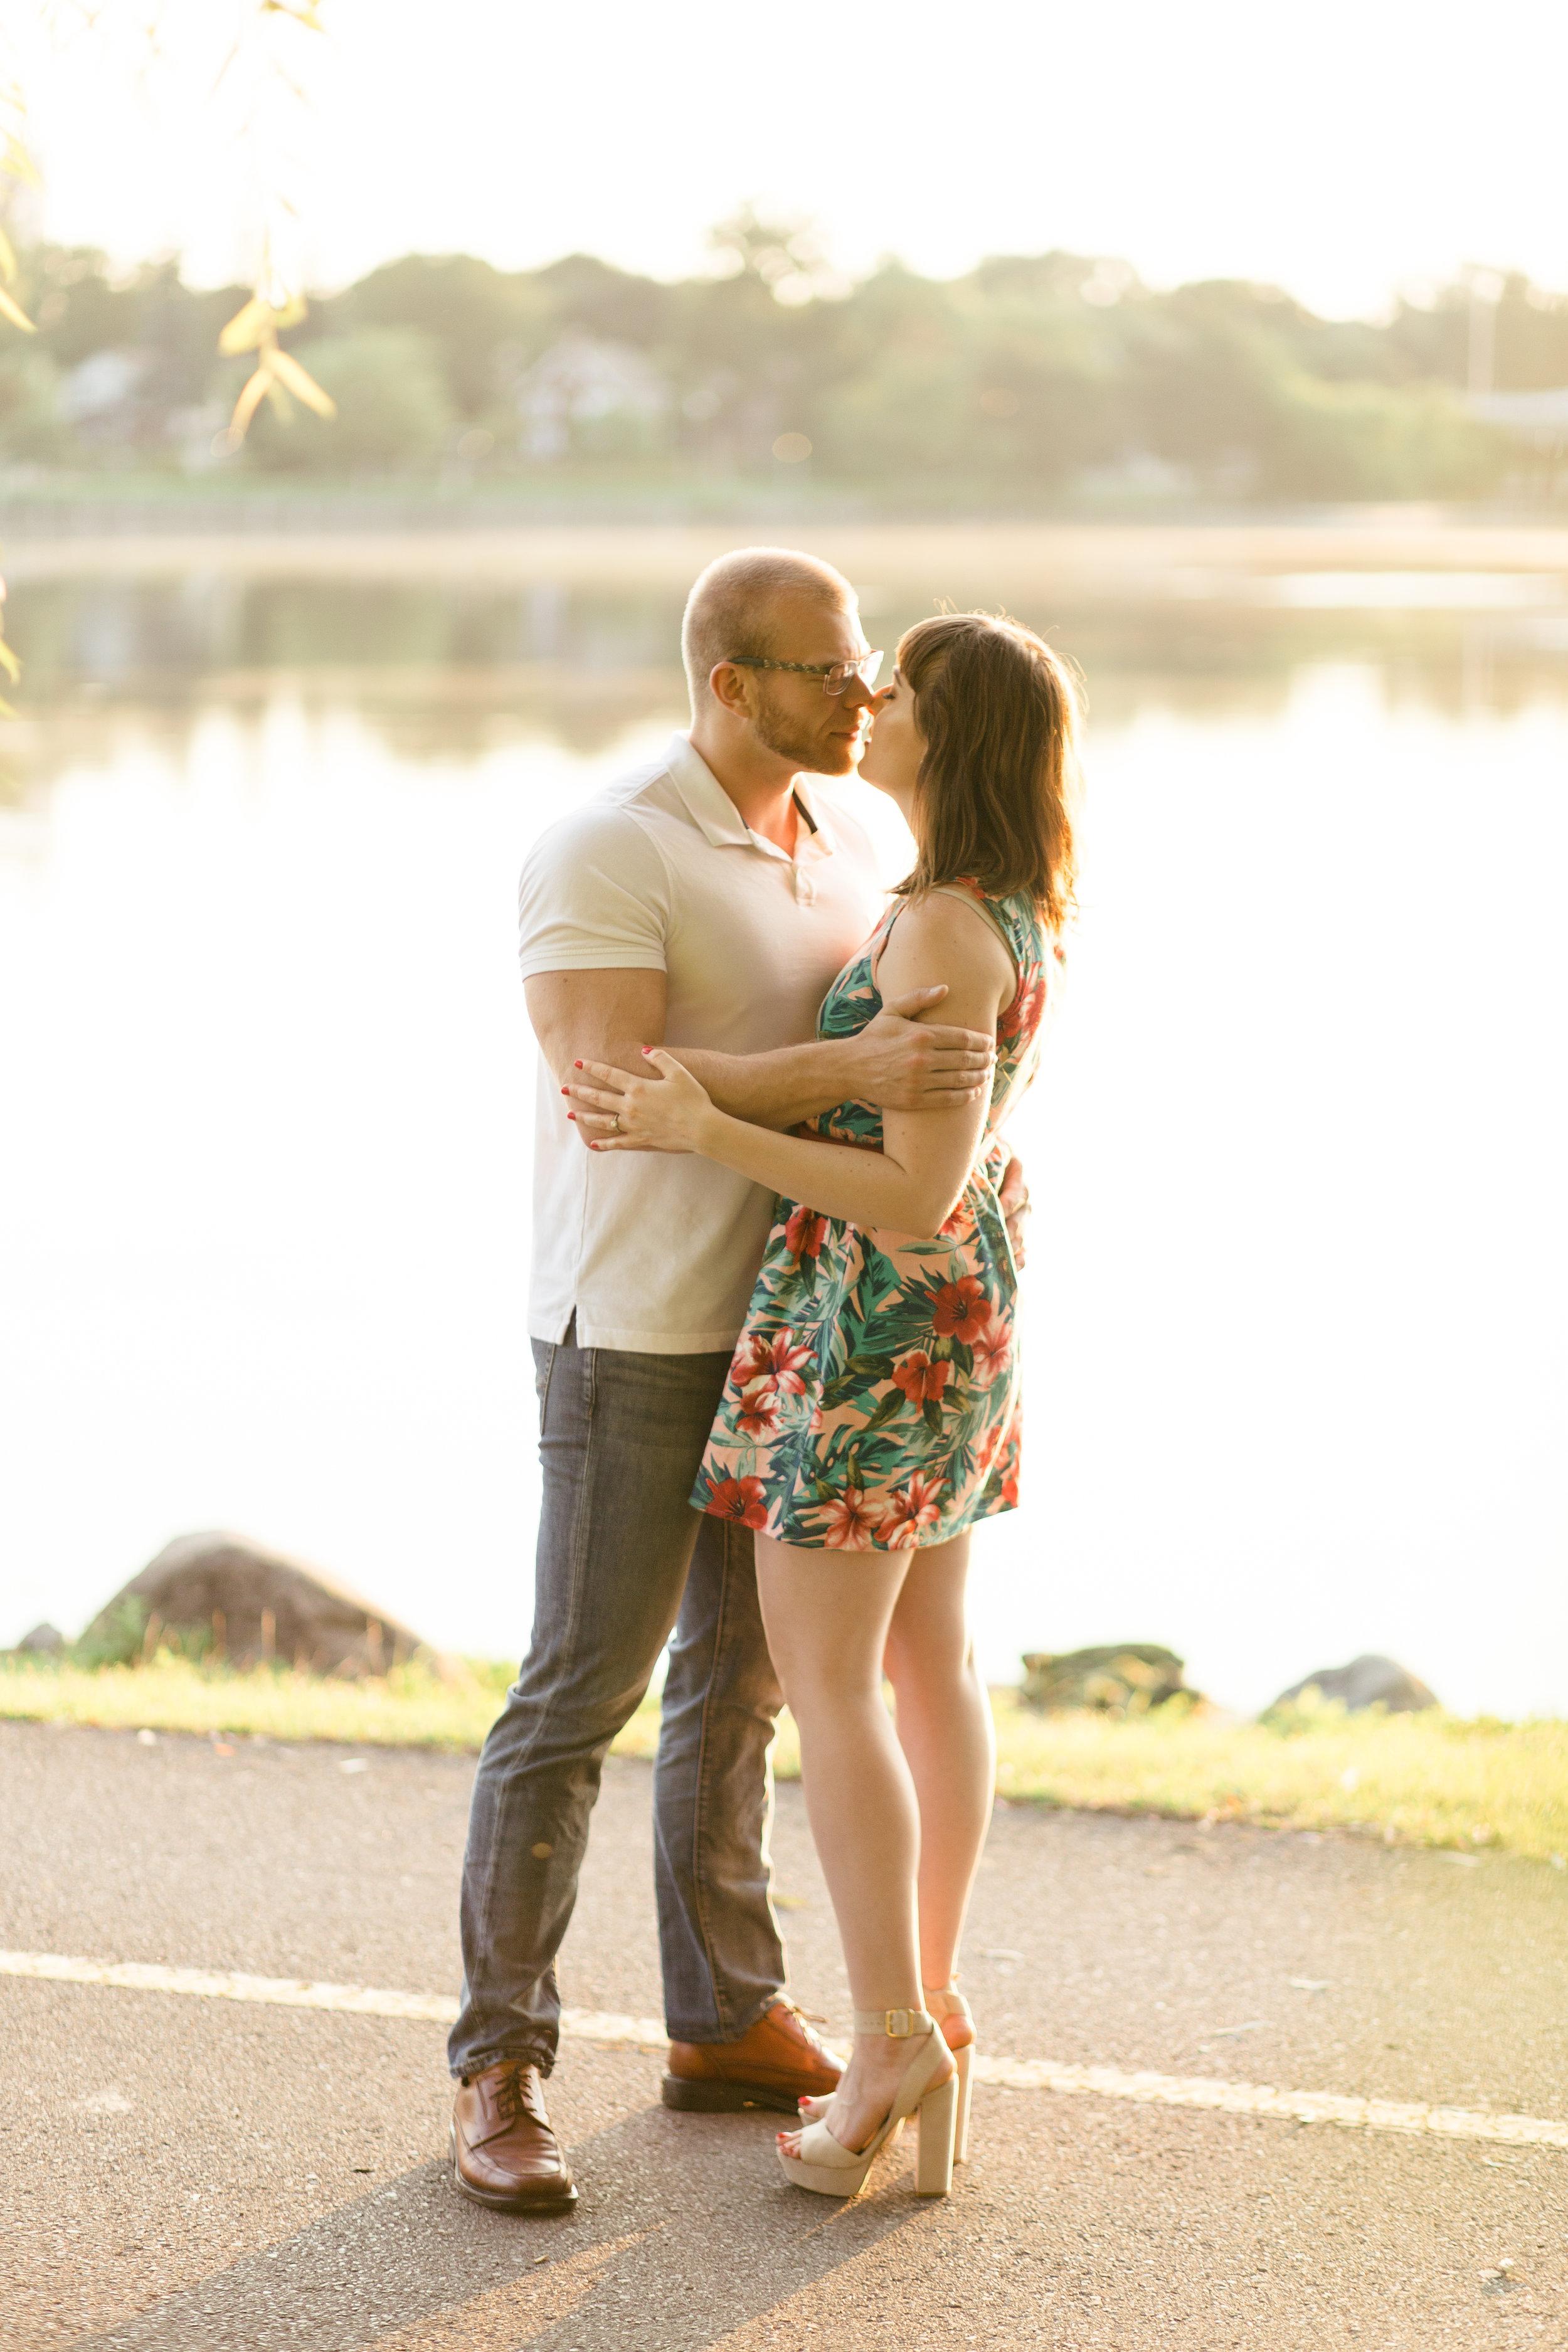 Chloe & Matt Engagement Final Images-8.jpg